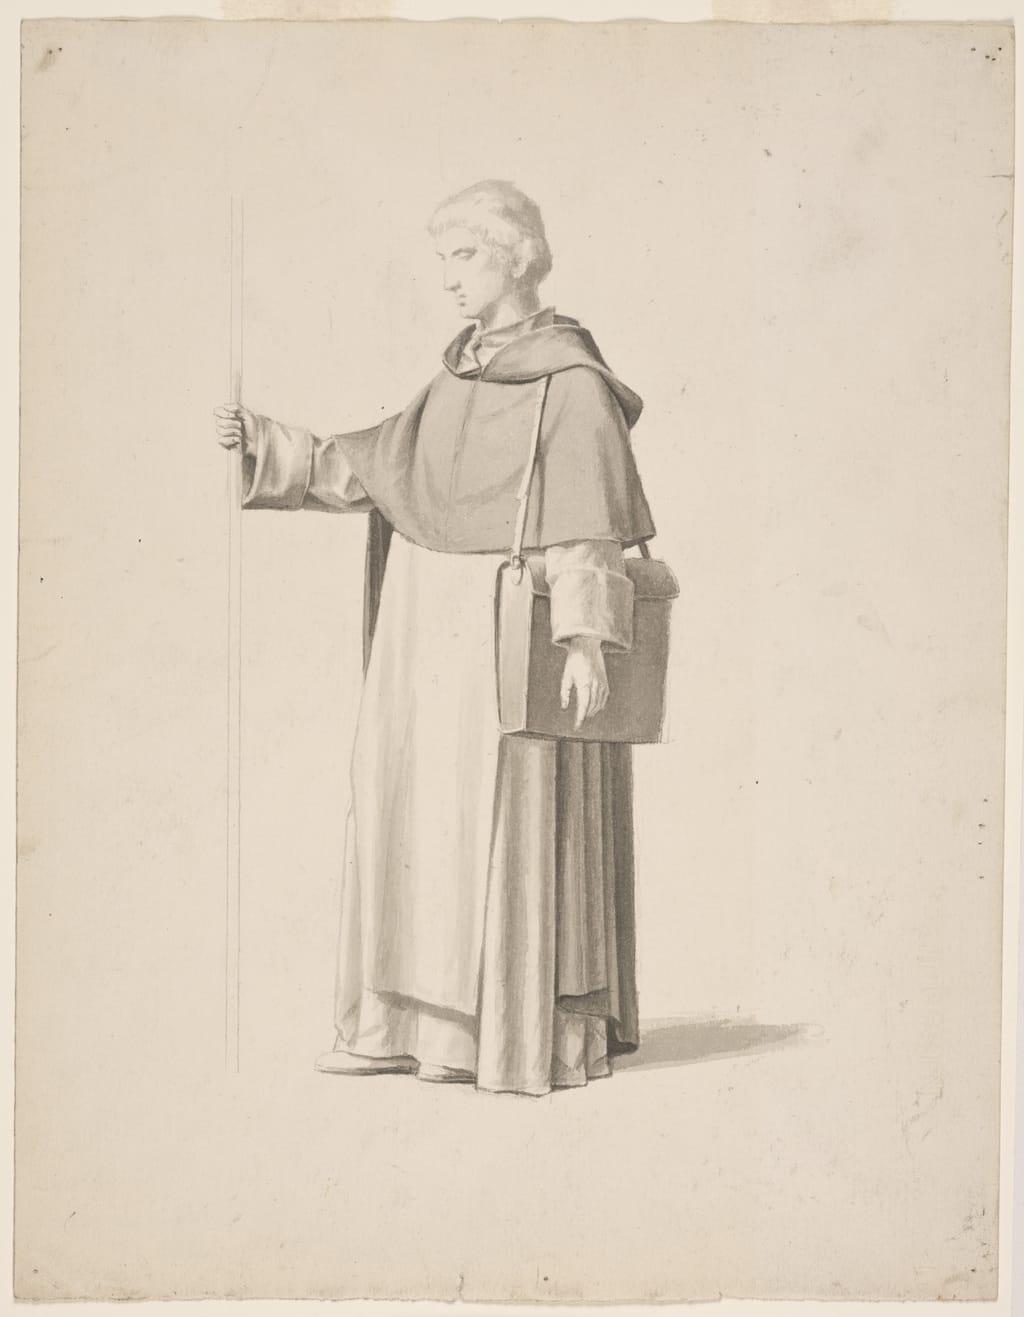 Dominicain debout tenant un bâton et portant un sac en bandoulière. Étude pour « Saint Hyacinthe quitte le couvent Sainte-Sabine de Rome pour la Pologne » de la cathédrale de Saint-Hyacinthe